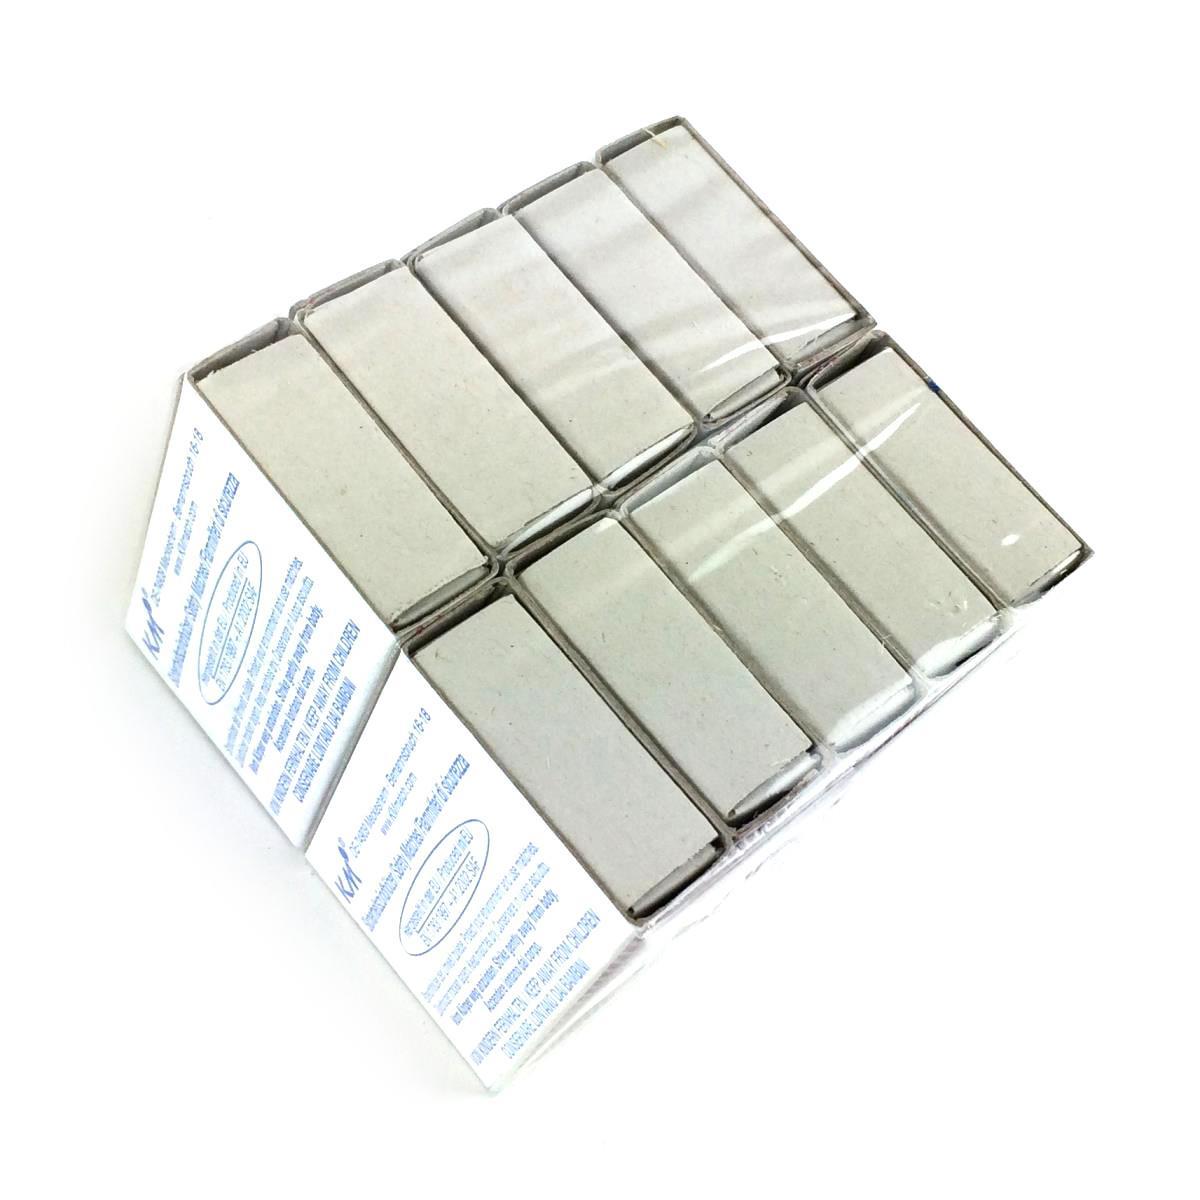 300 Schachteln Europa Streichhölzer, Zündhölzer, Zündholzschachtel,KM Zündholz International ,4004753000504, 0685293813669